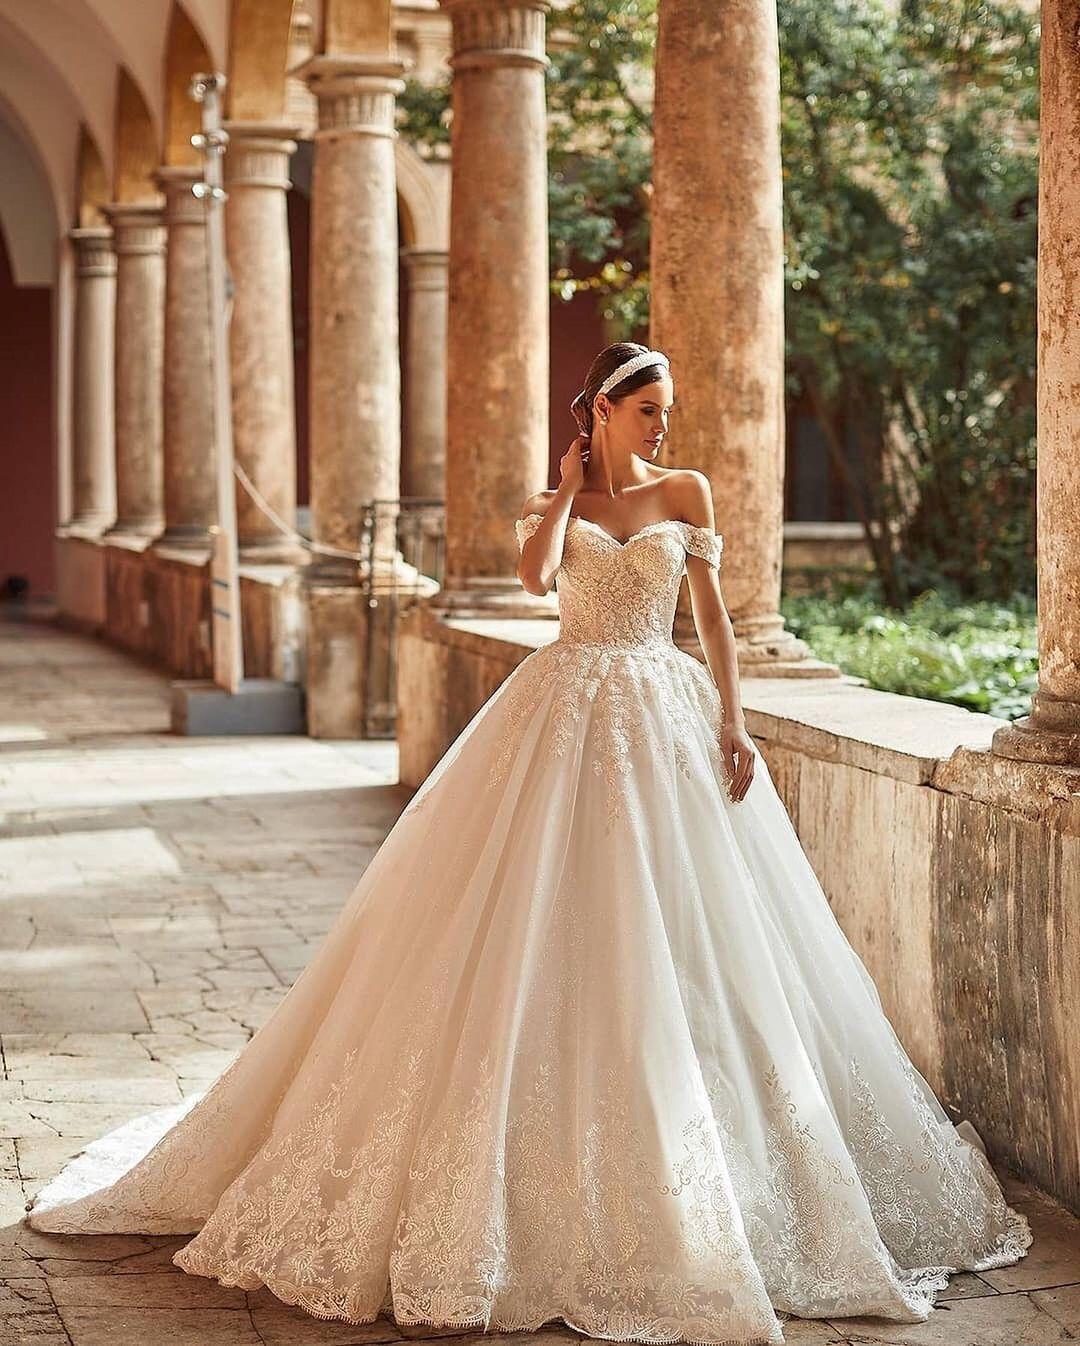 Off shoulder wedding dresses